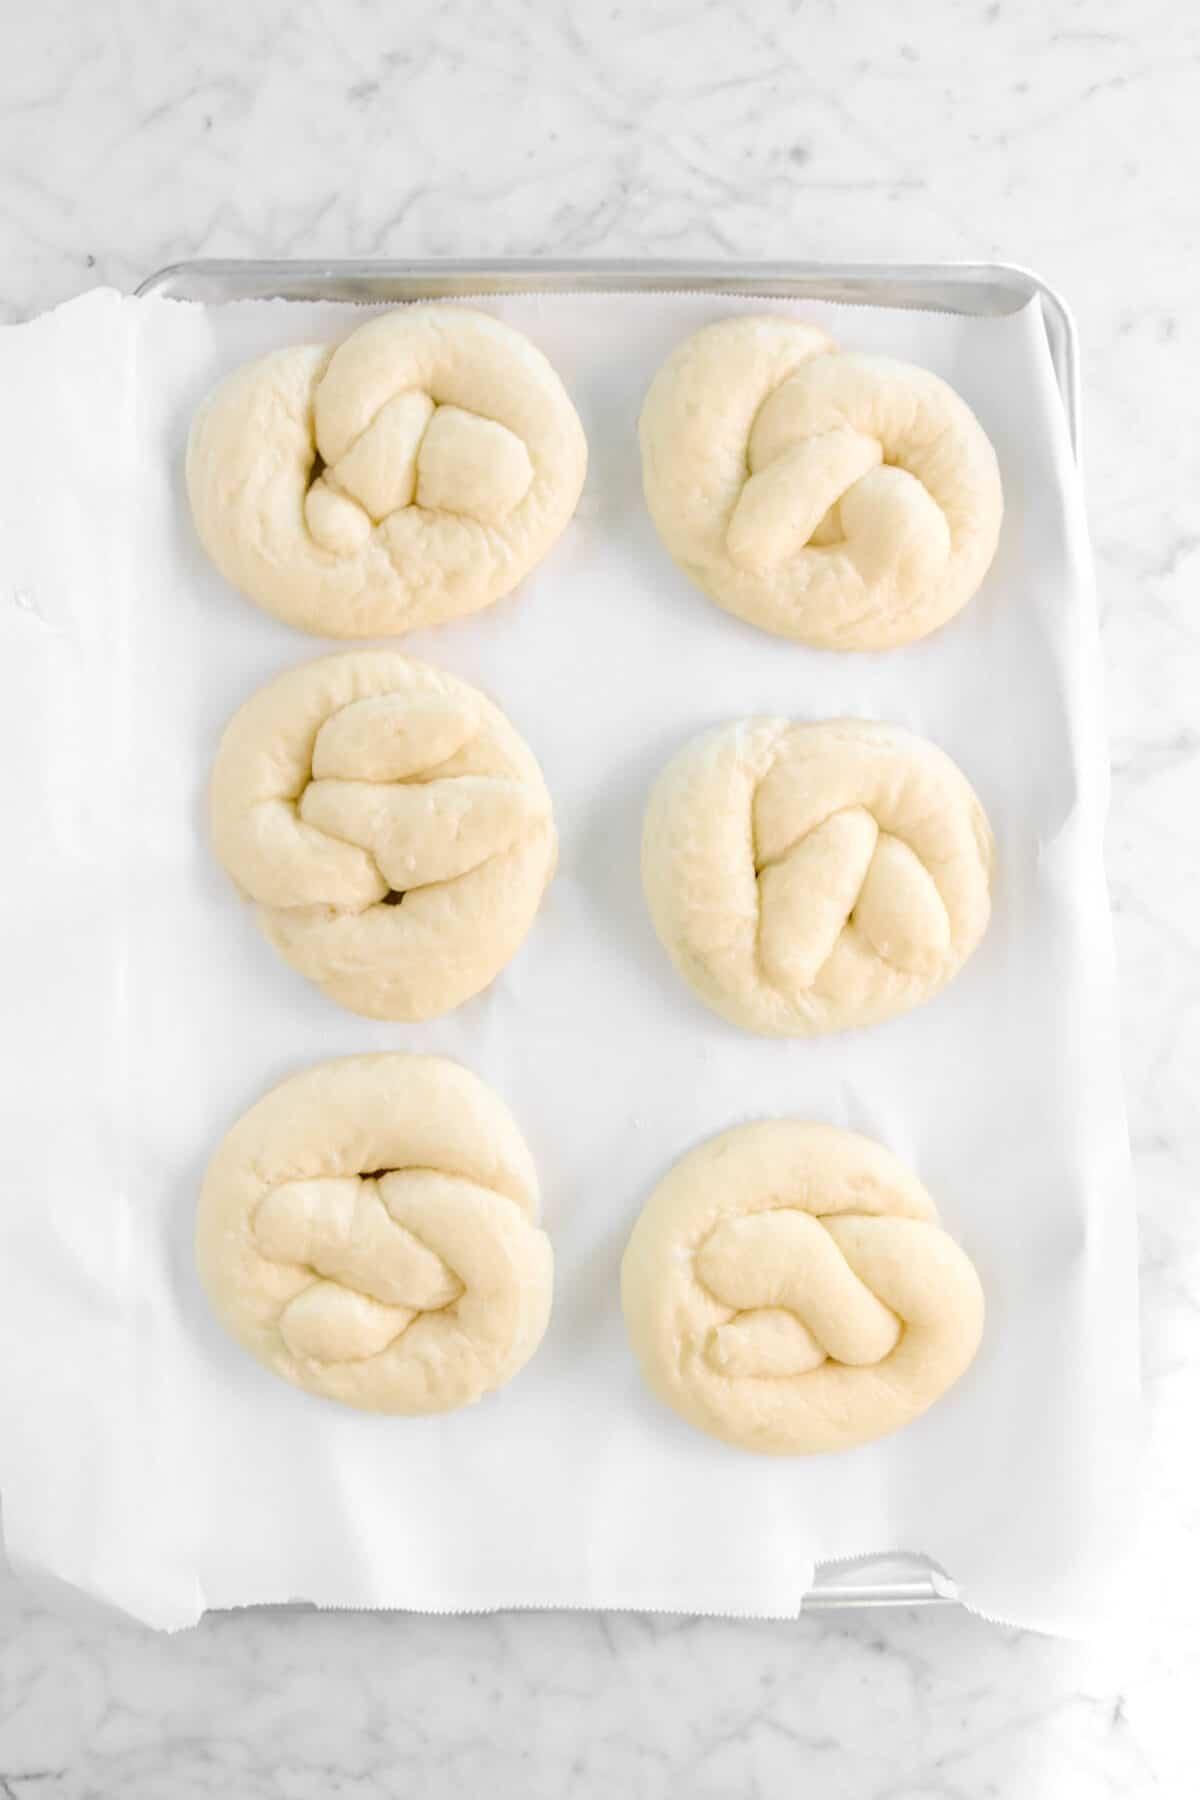 boiled pretzels on parchment paper